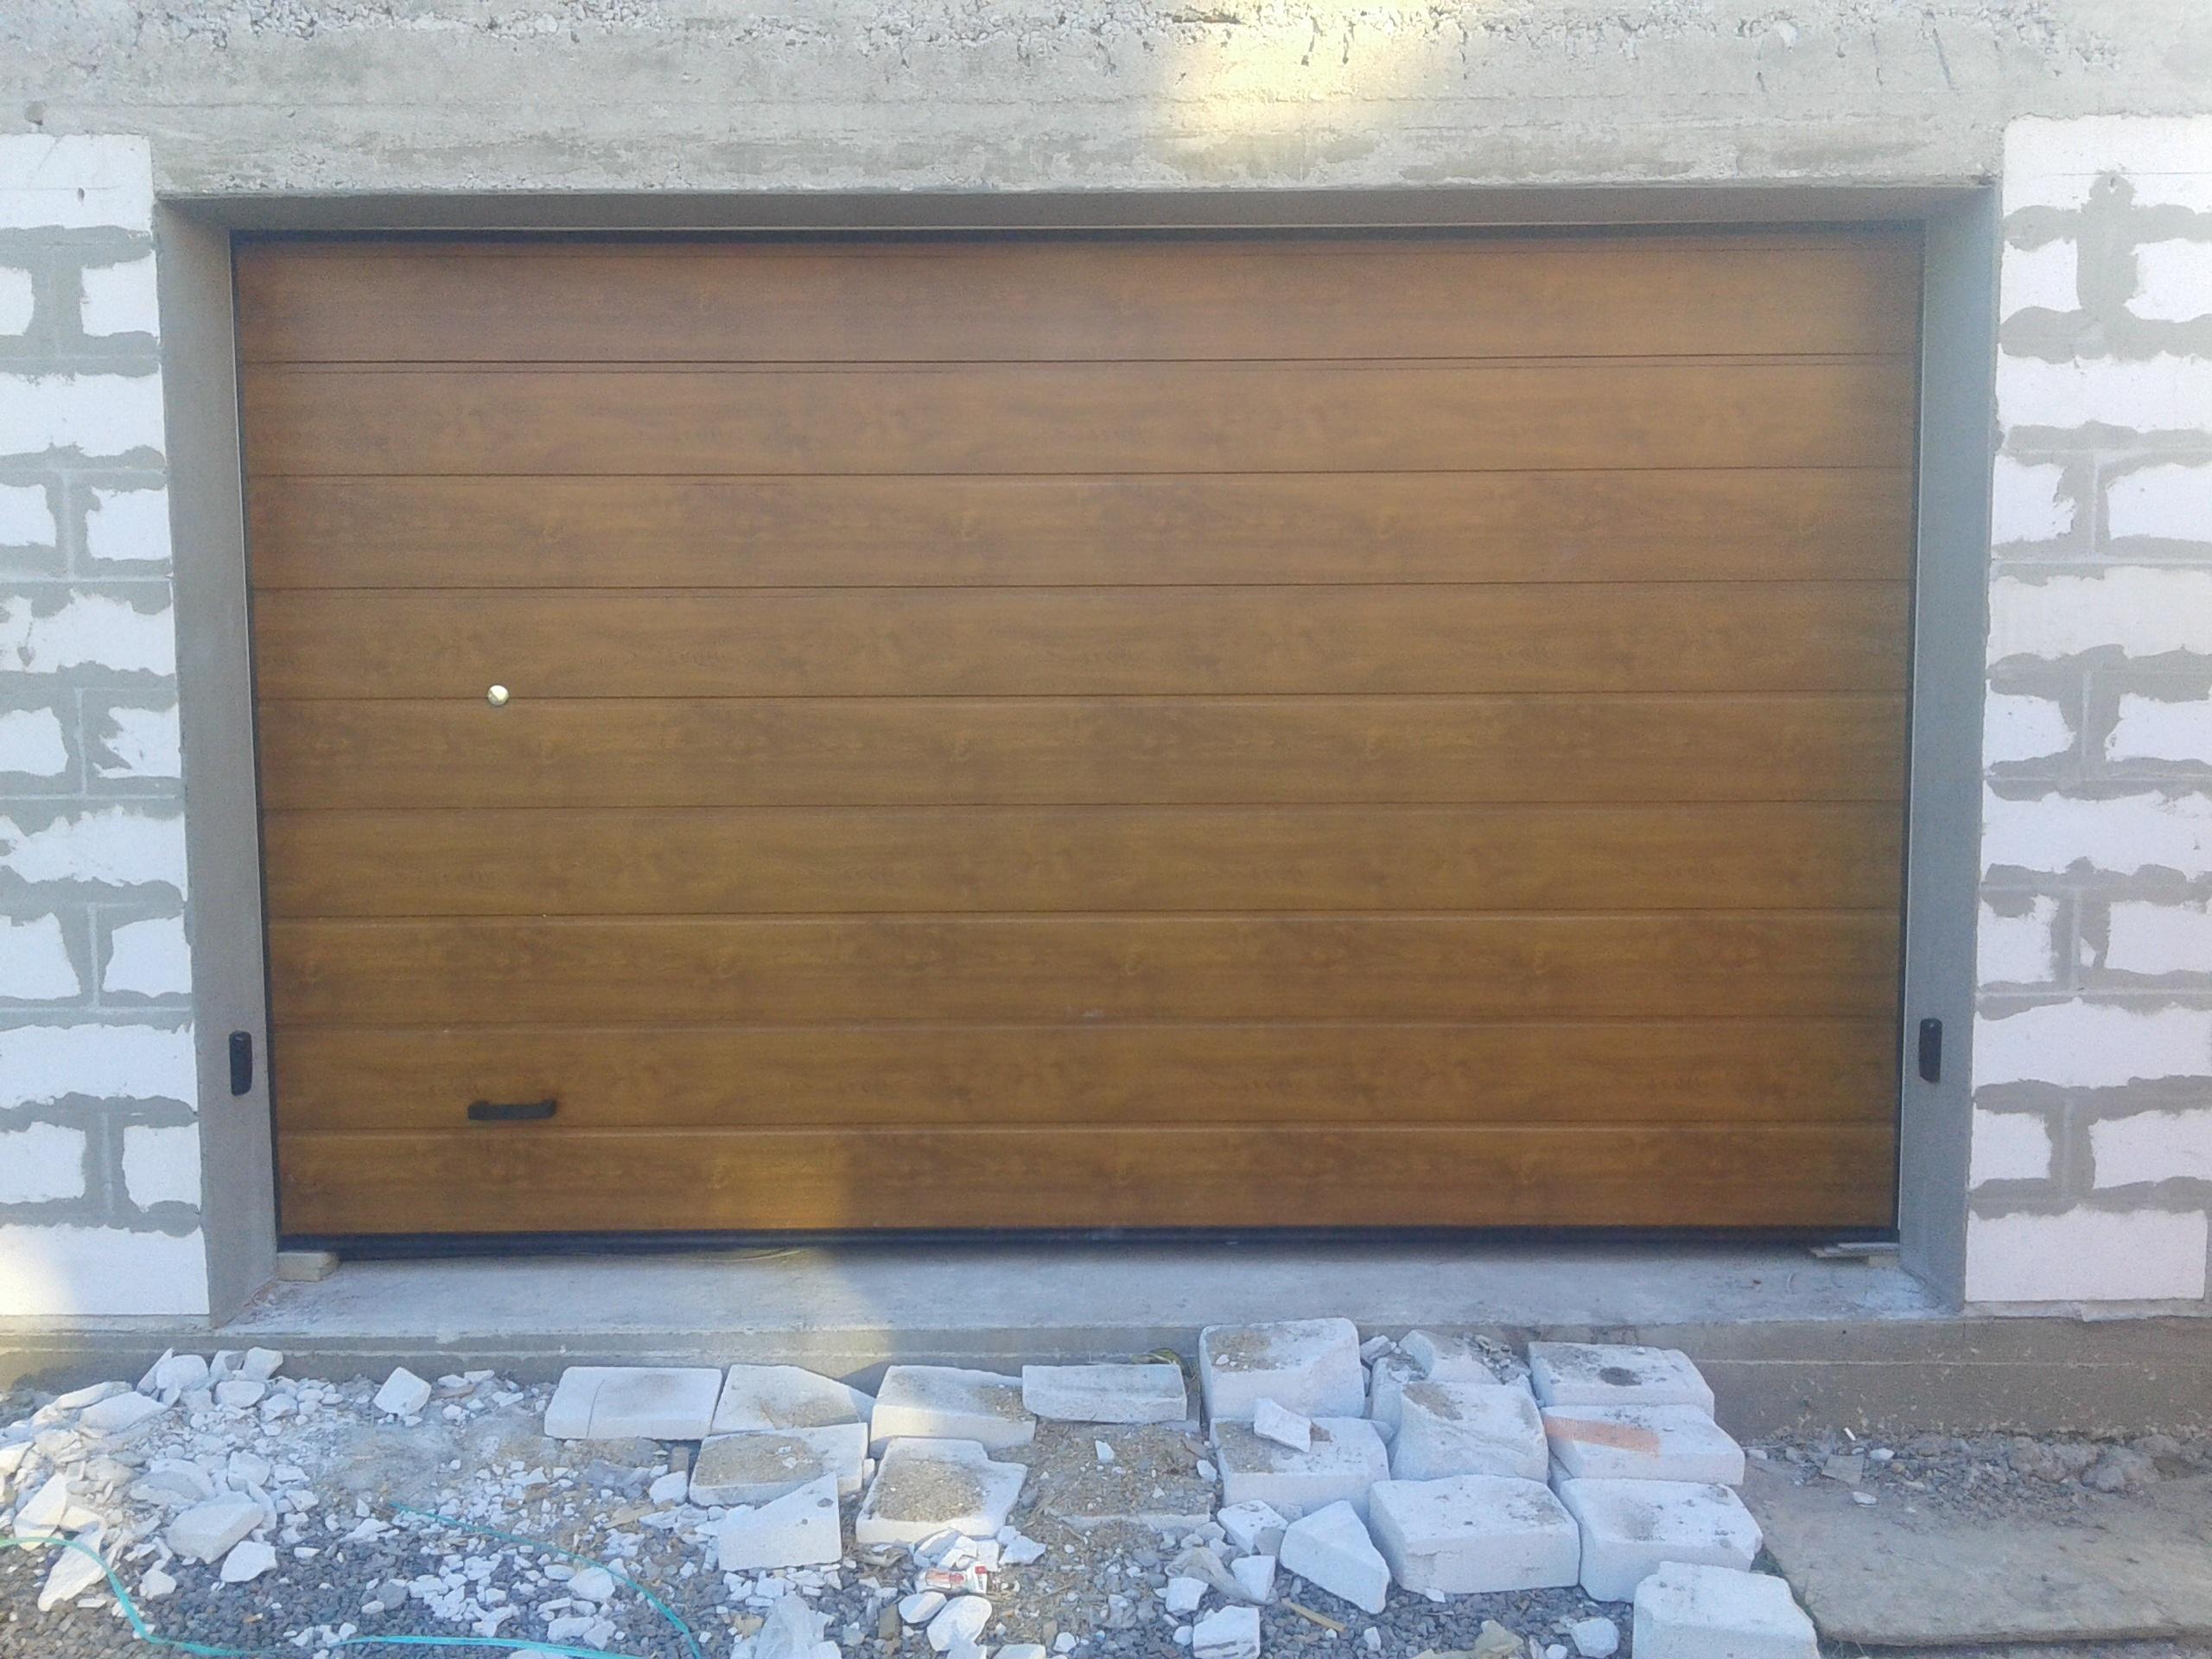 секционные гаражные ворота, полотно М-гофр, золотой дуб, автоматические с устройством внешней разблокировки